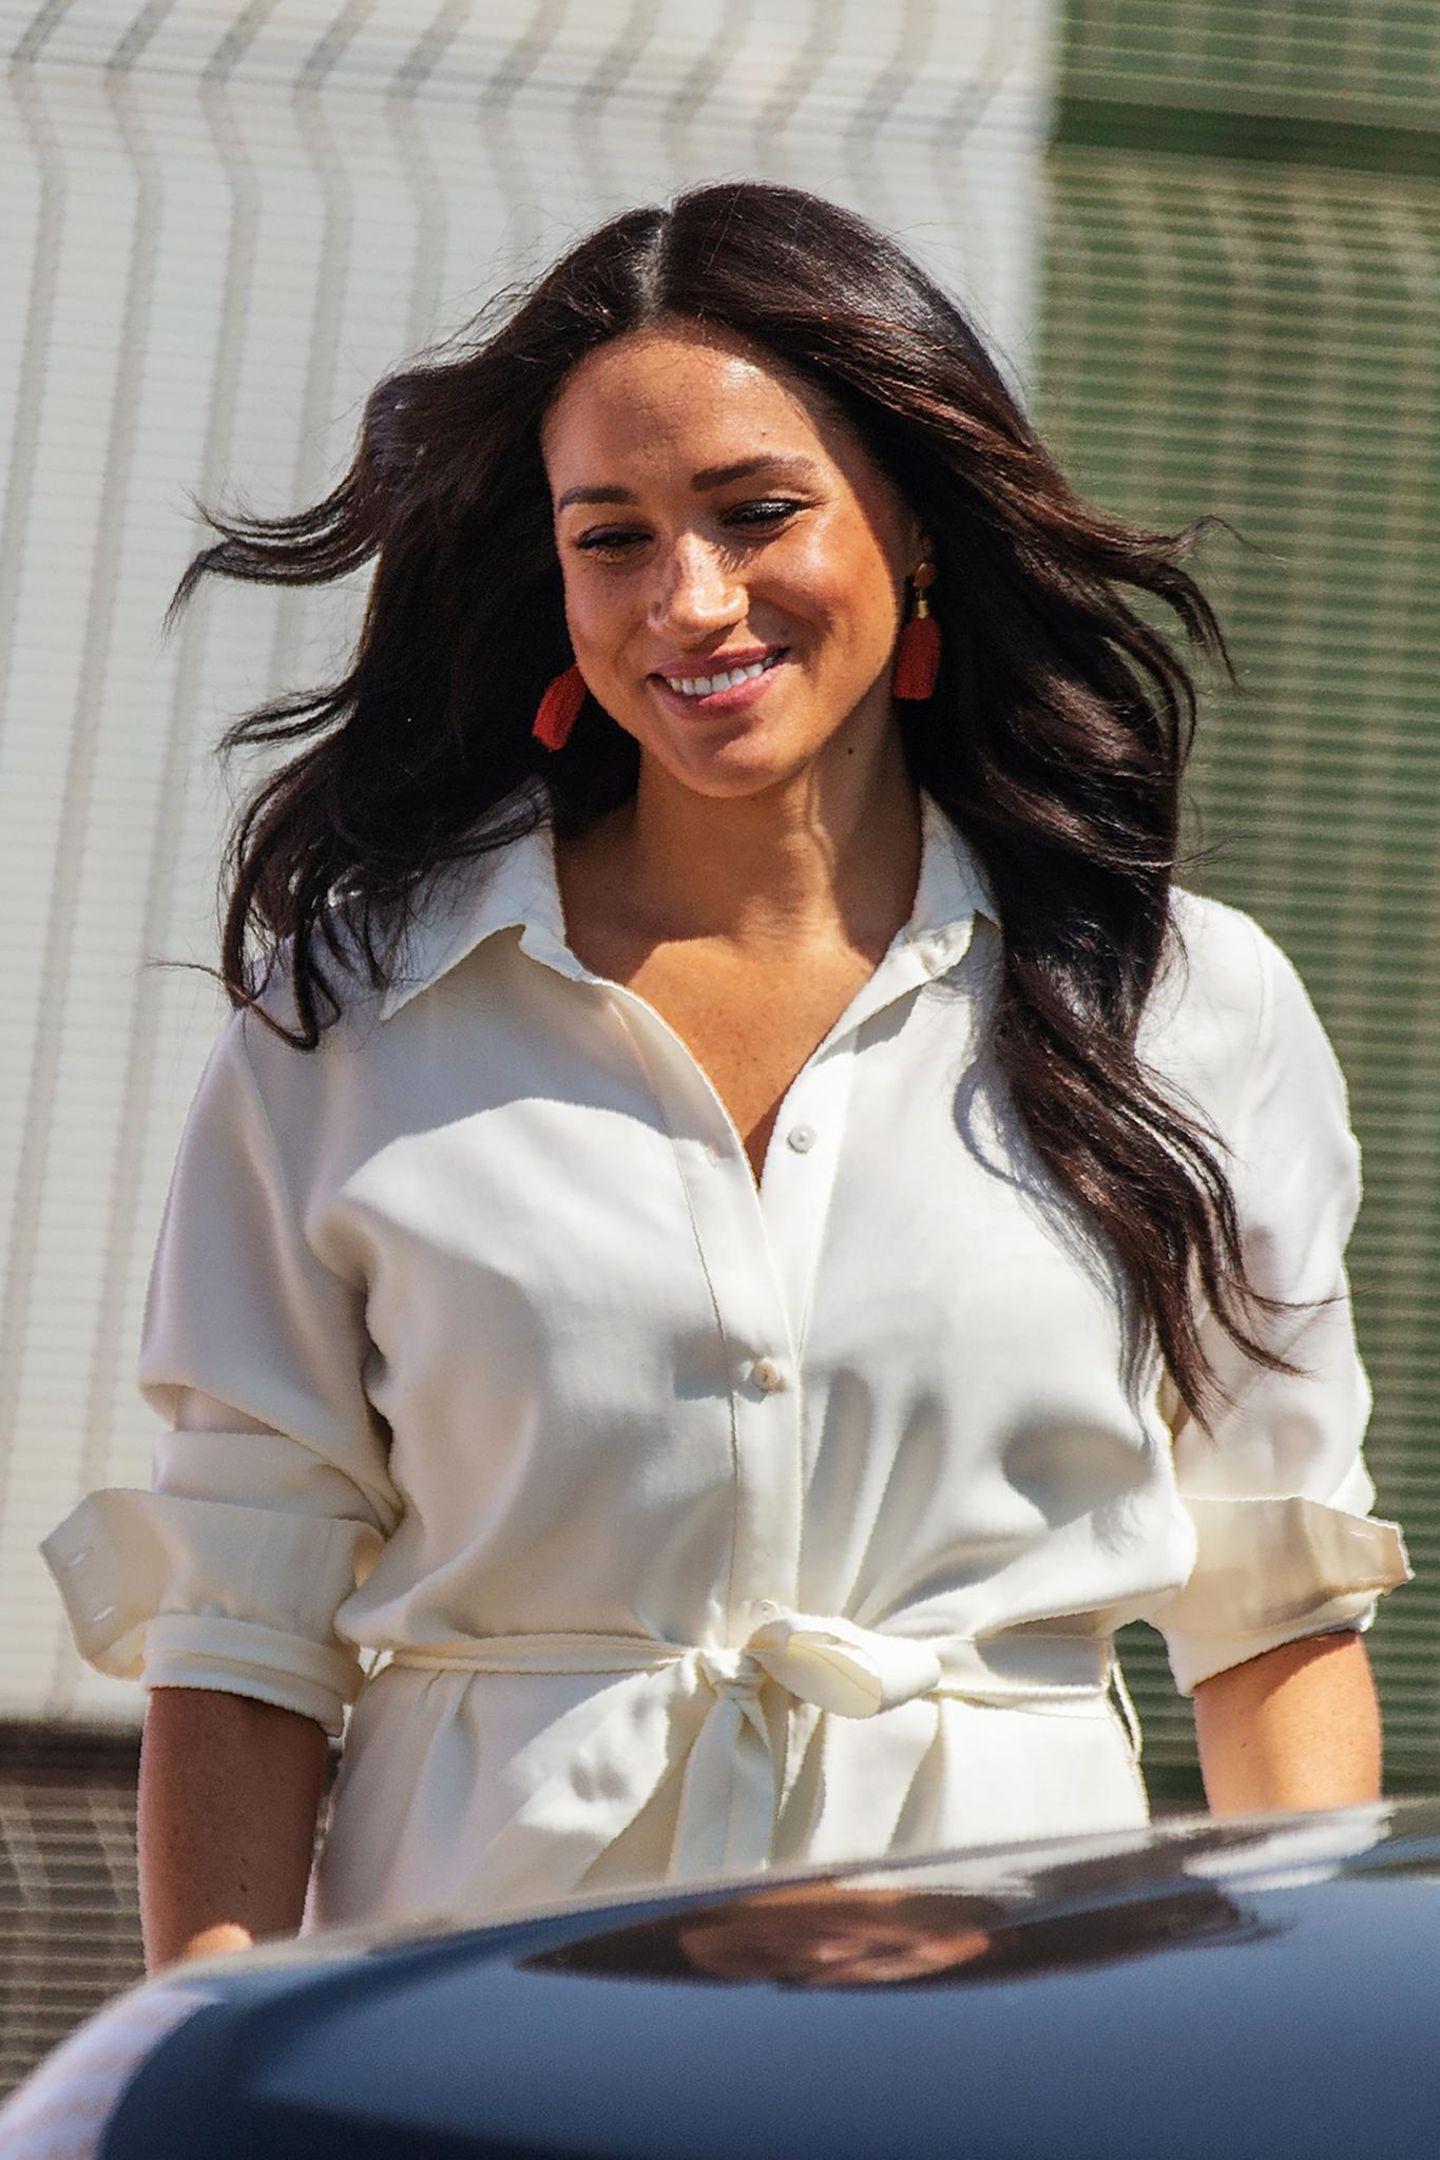 Um den Look zusätzlich Glamour zu verpassen, setzt die Herzogin wieder auf elegante Statement-Ohrringe.